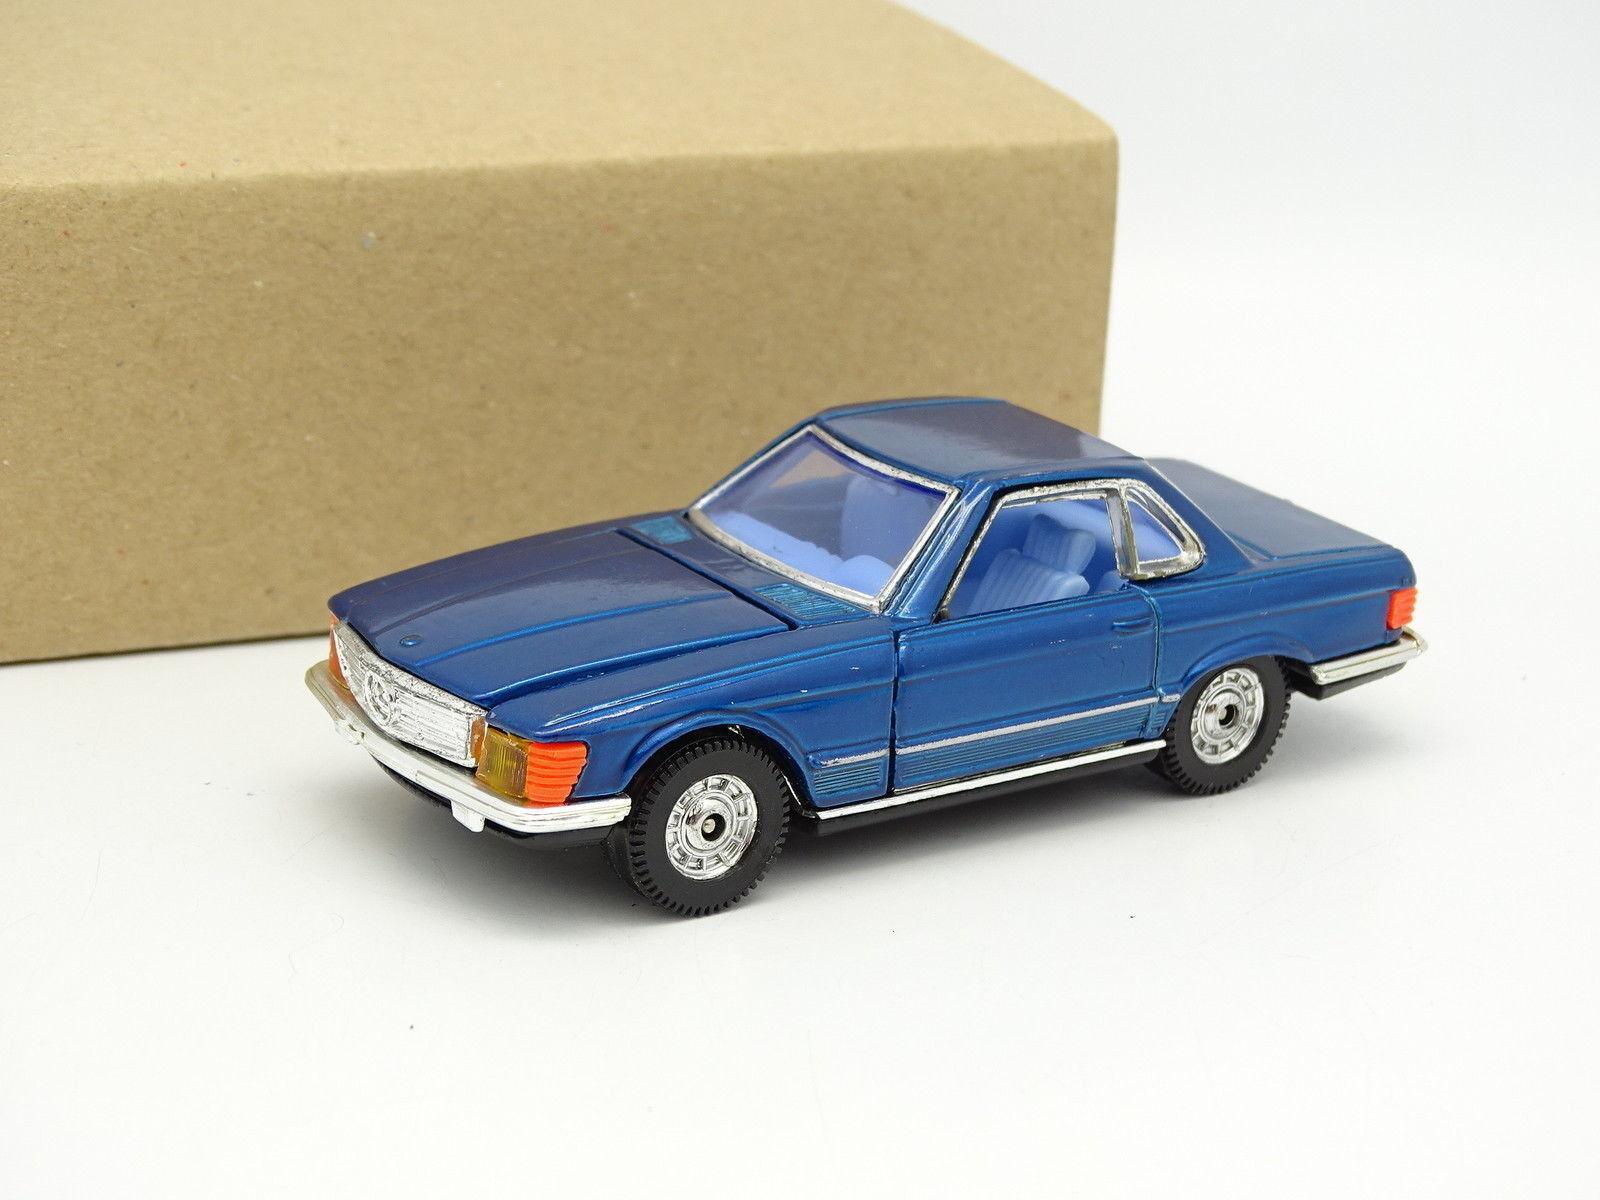 Corgi Corgi Corgi Toys SB 1 43 - Mercedes 350 SL R107 bluee 4f21f0